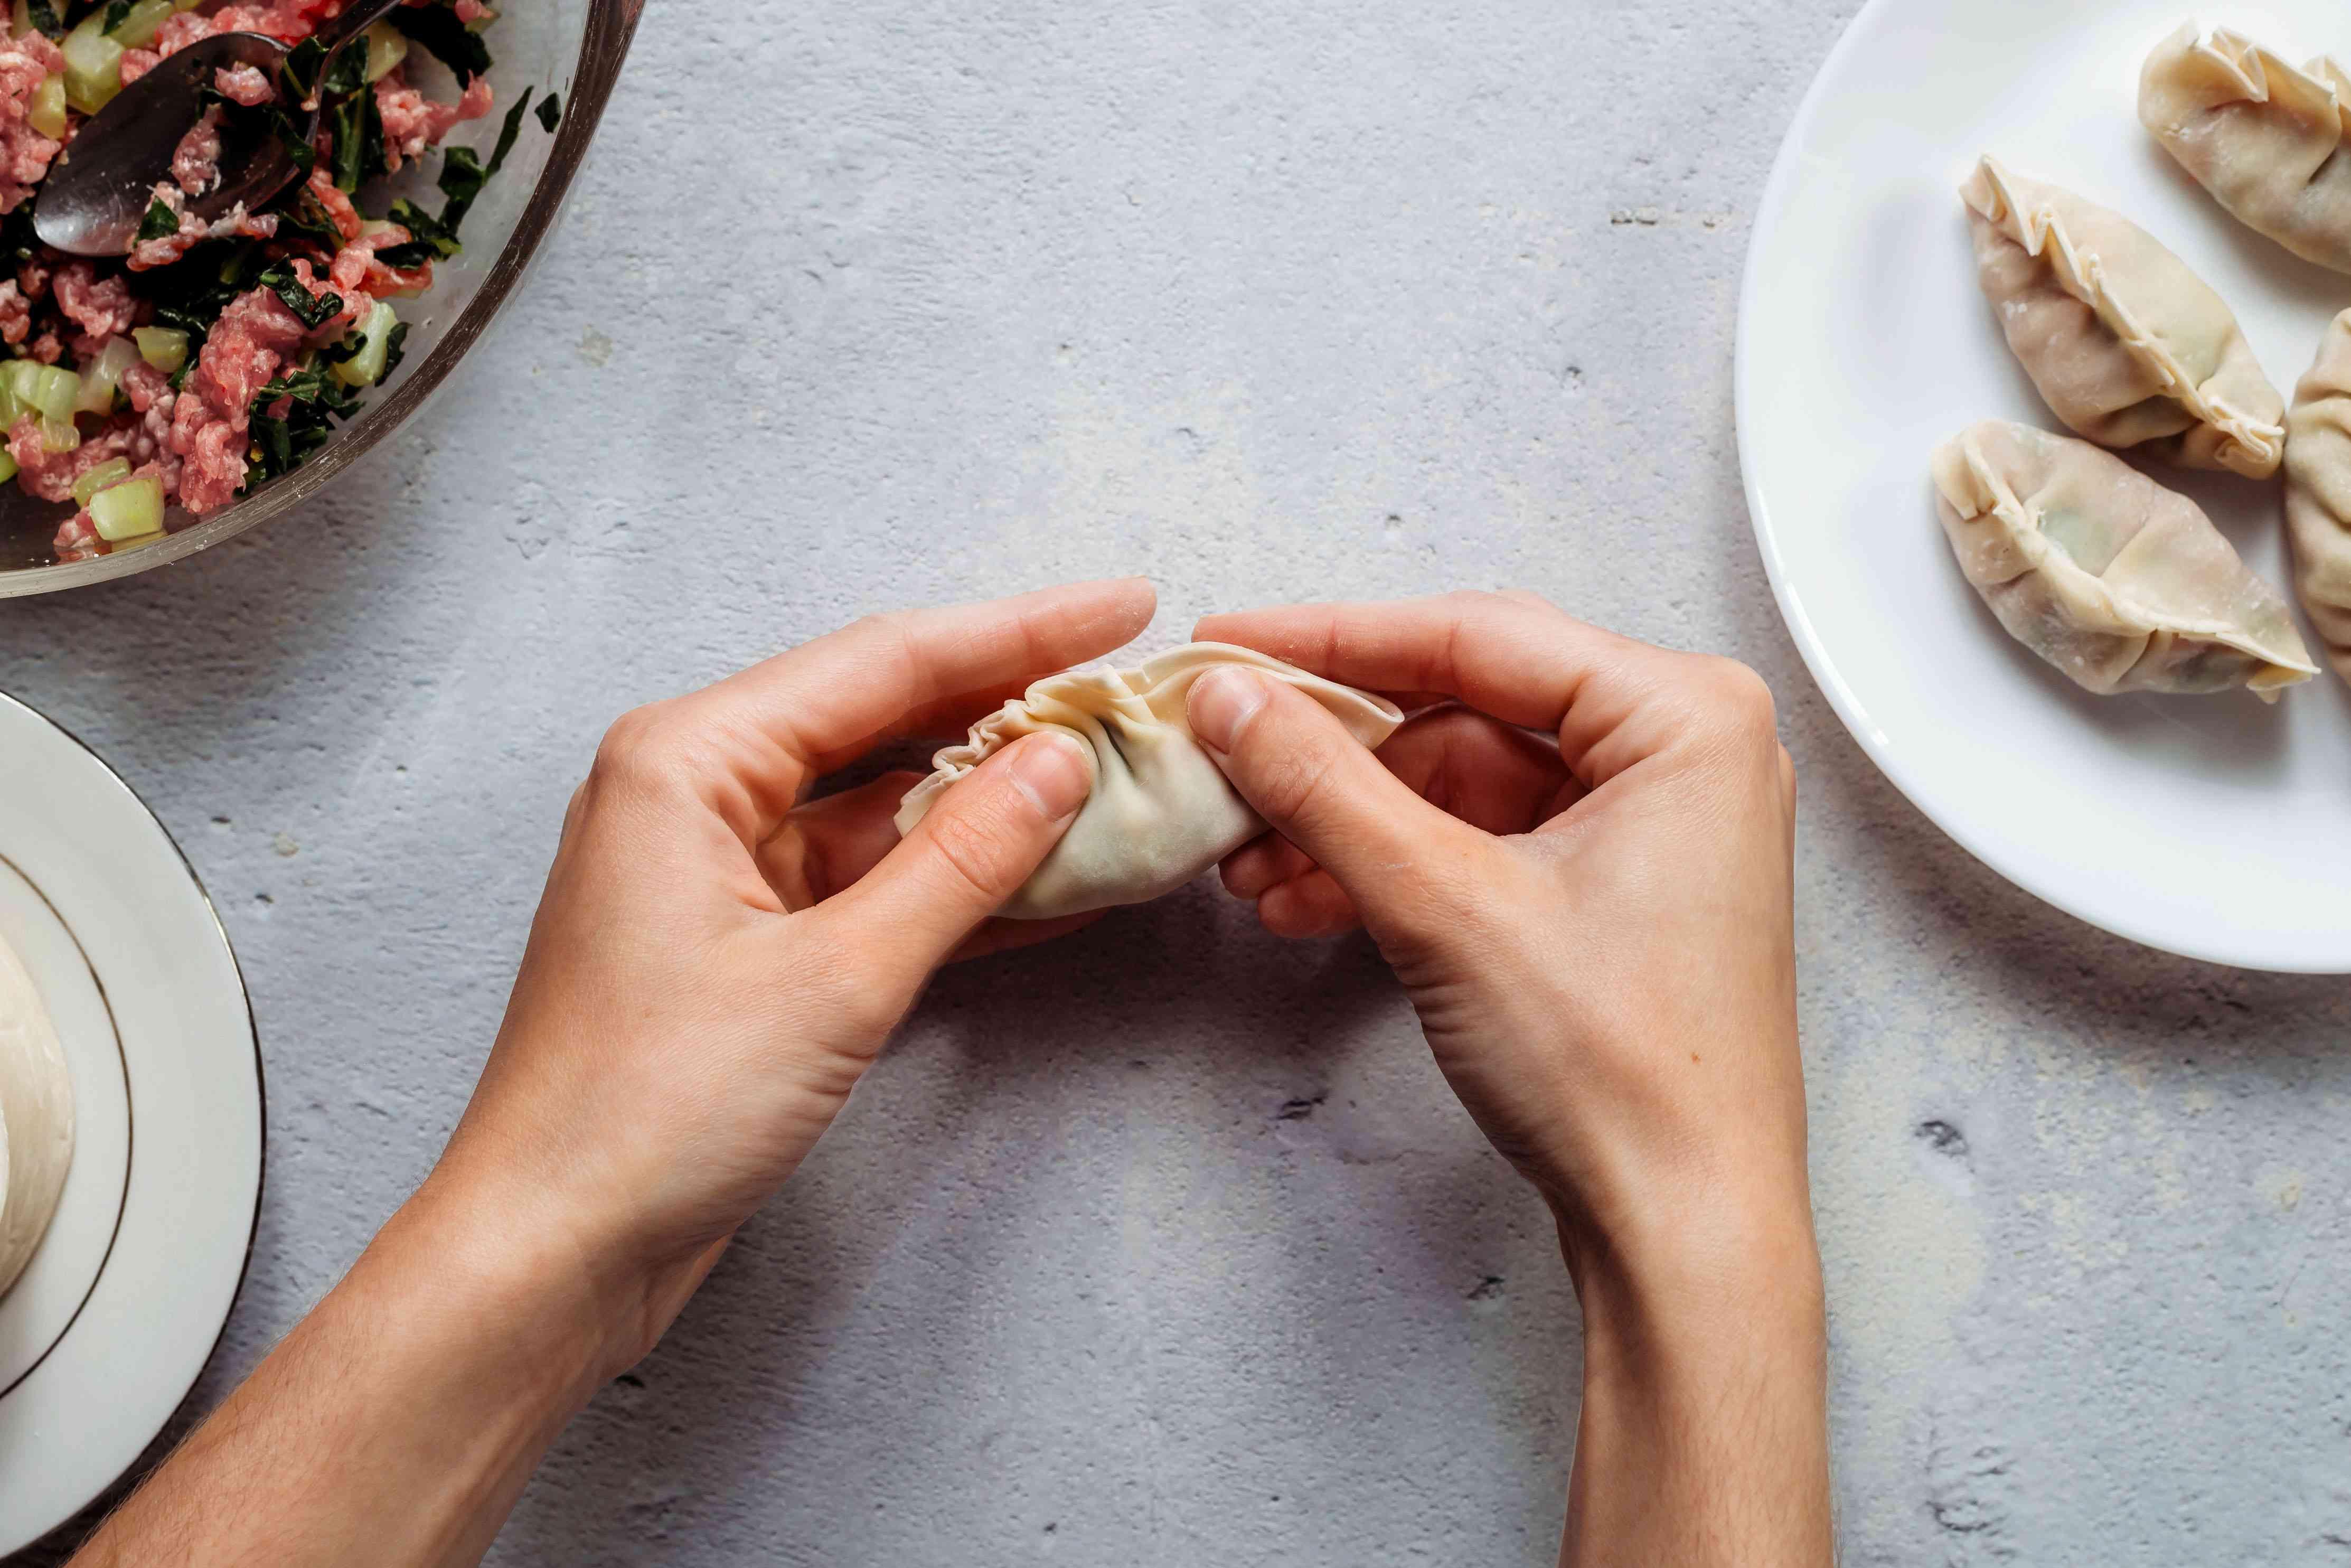 Hands sealing potsticker